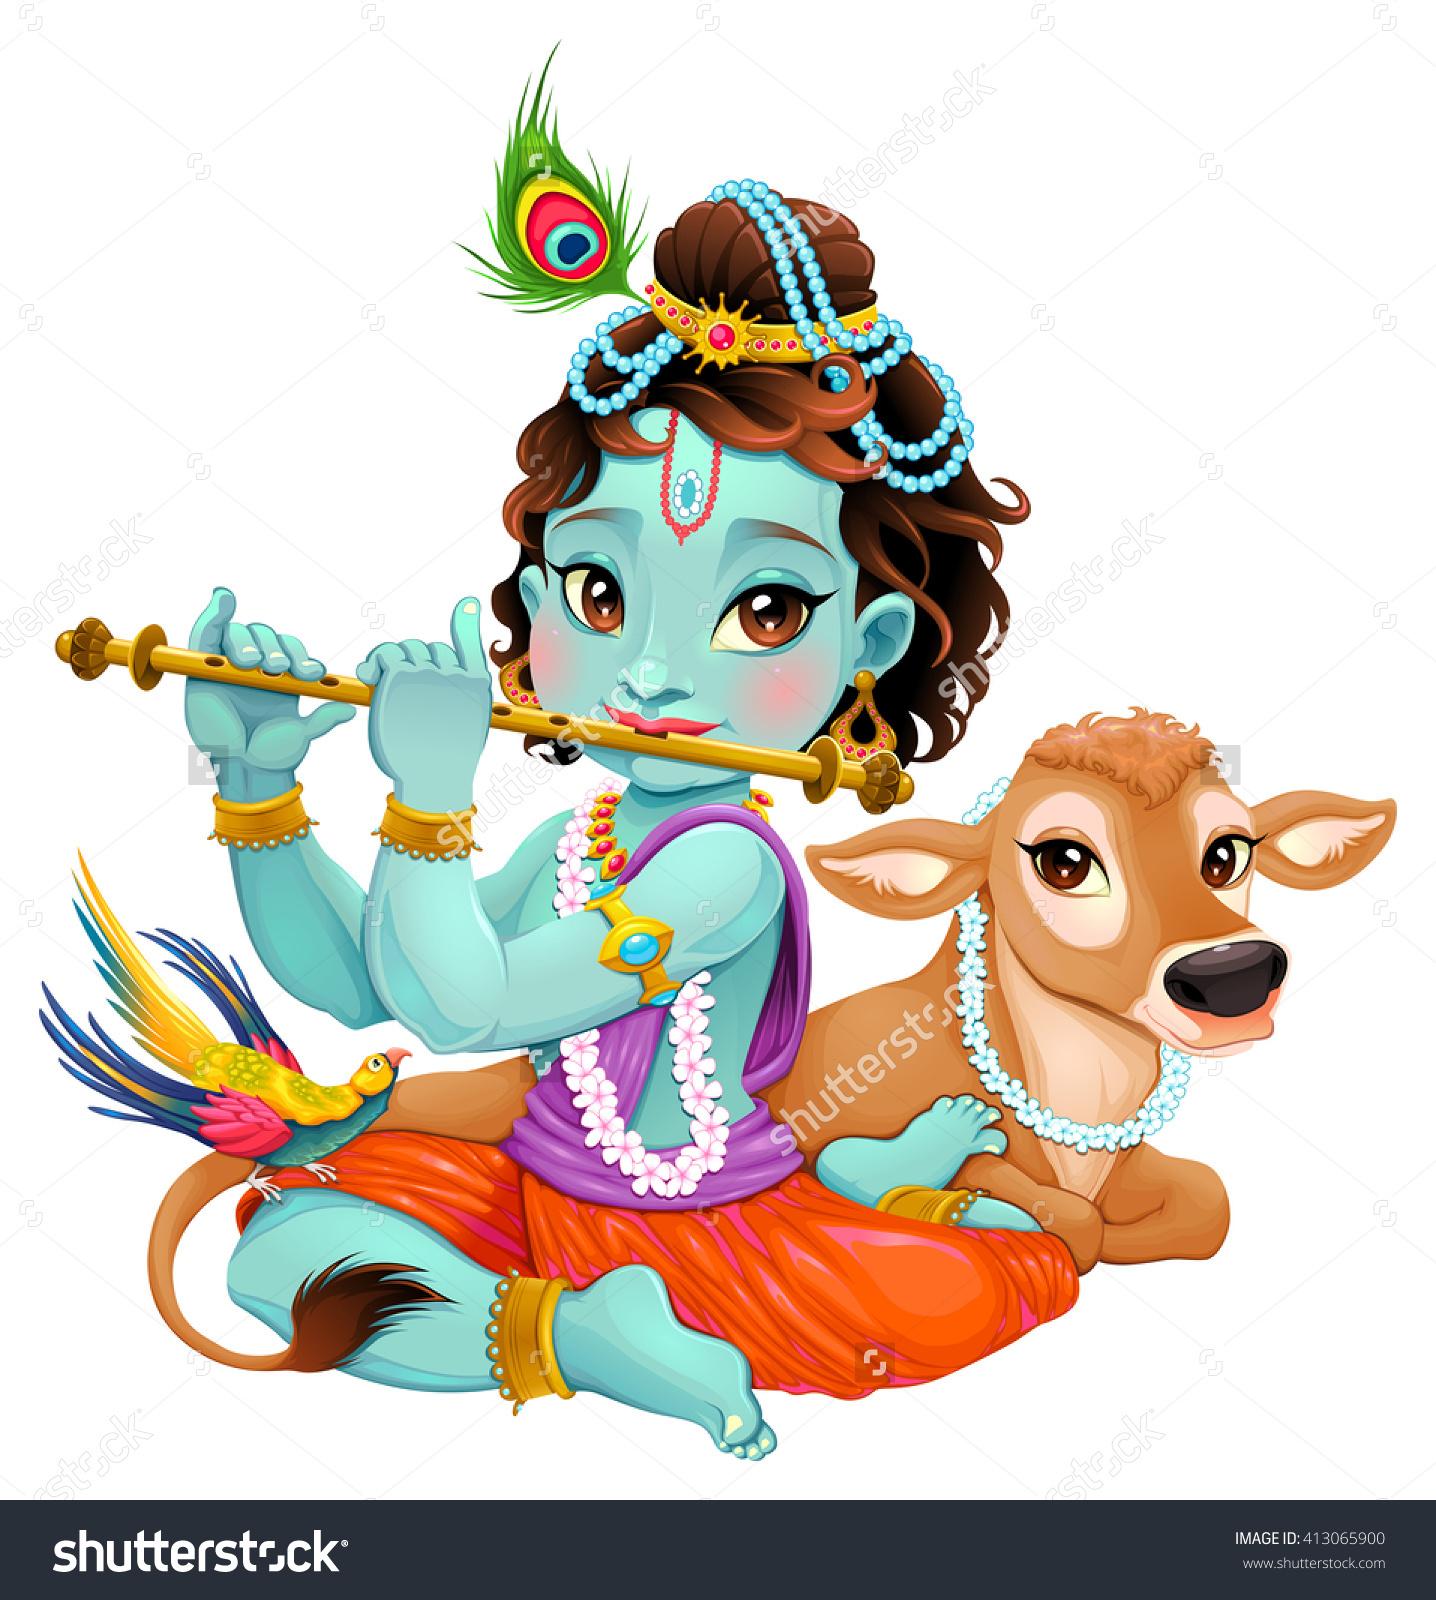 Beautiful clipart vector. Krishna